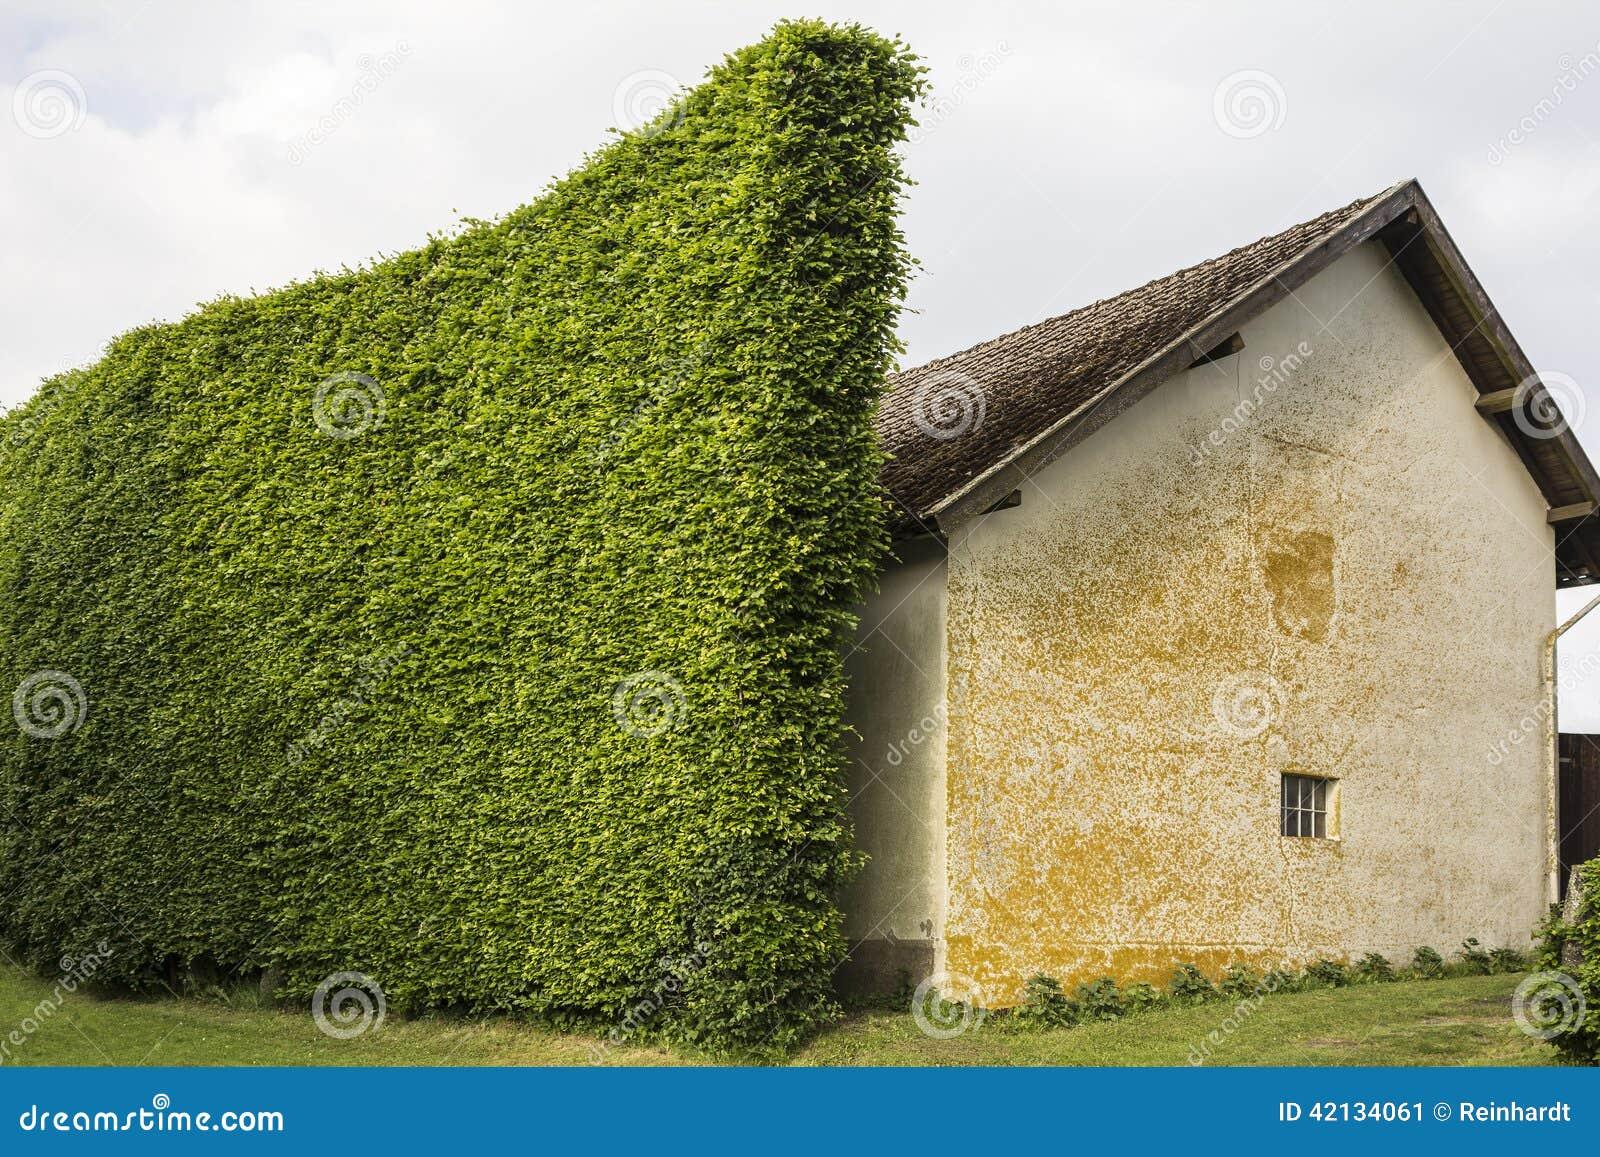 Hecke als Windschutz stockbild Bild von hecke buche